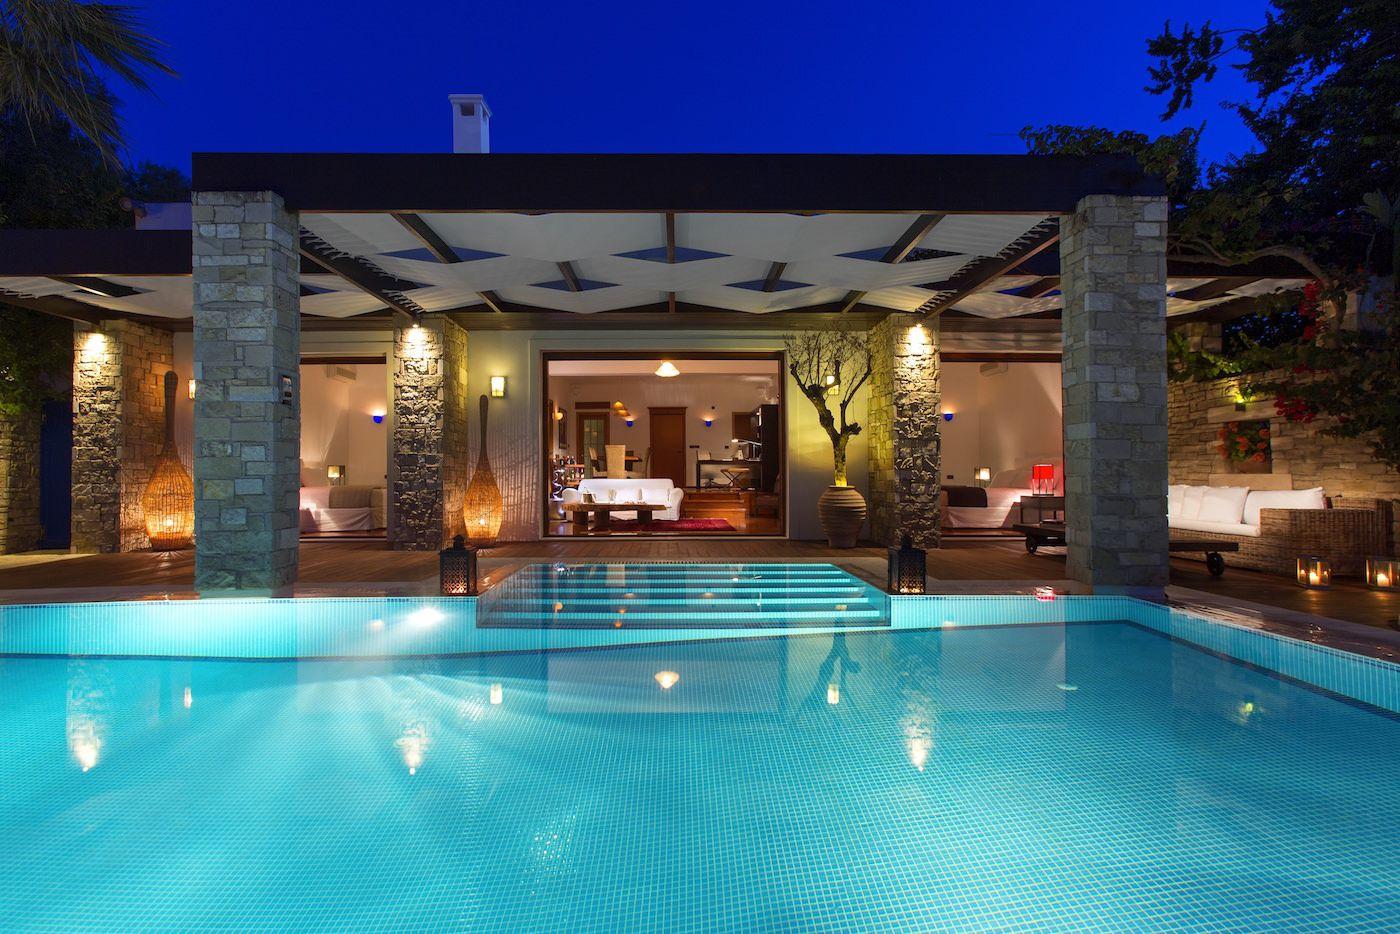 Porto Zante Greece Luxury Villas private heated pool beachfront with spa